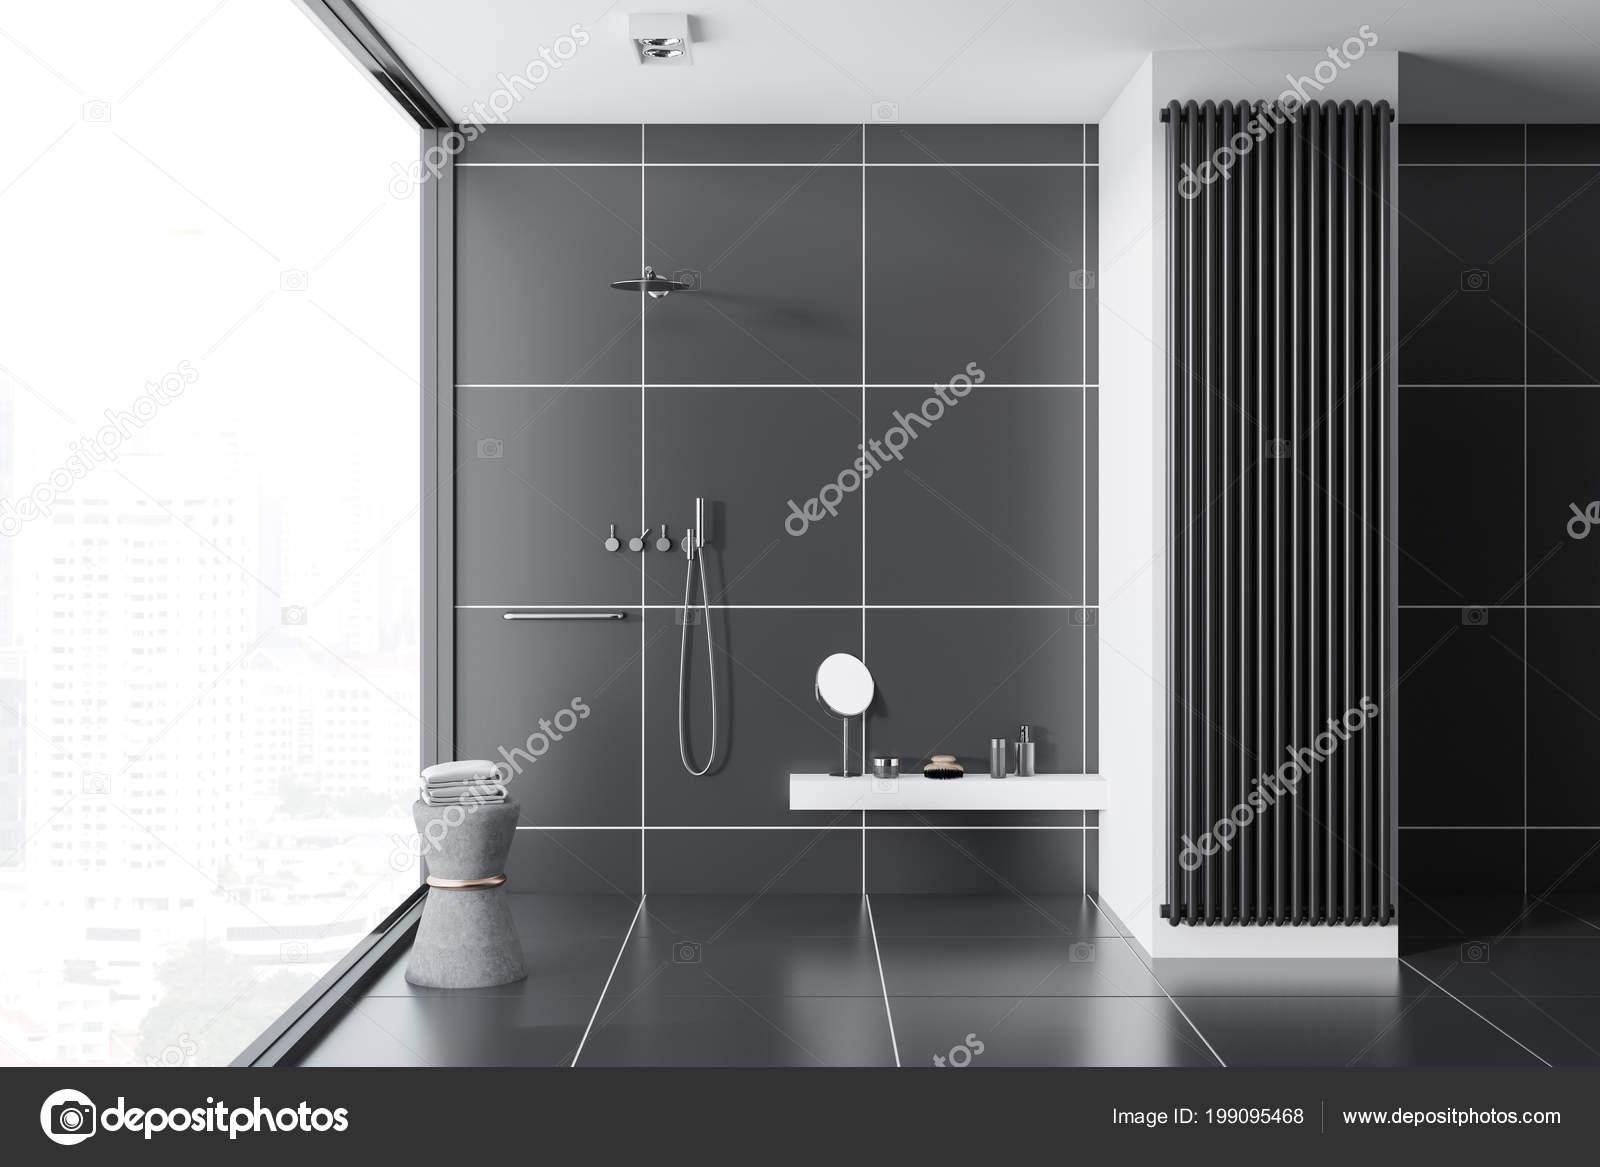 carrelage noir intrieur de salle de bain avec un carrelage noir une fentre panoramique et une douche concept dune maison confortable rendu 3d maquette